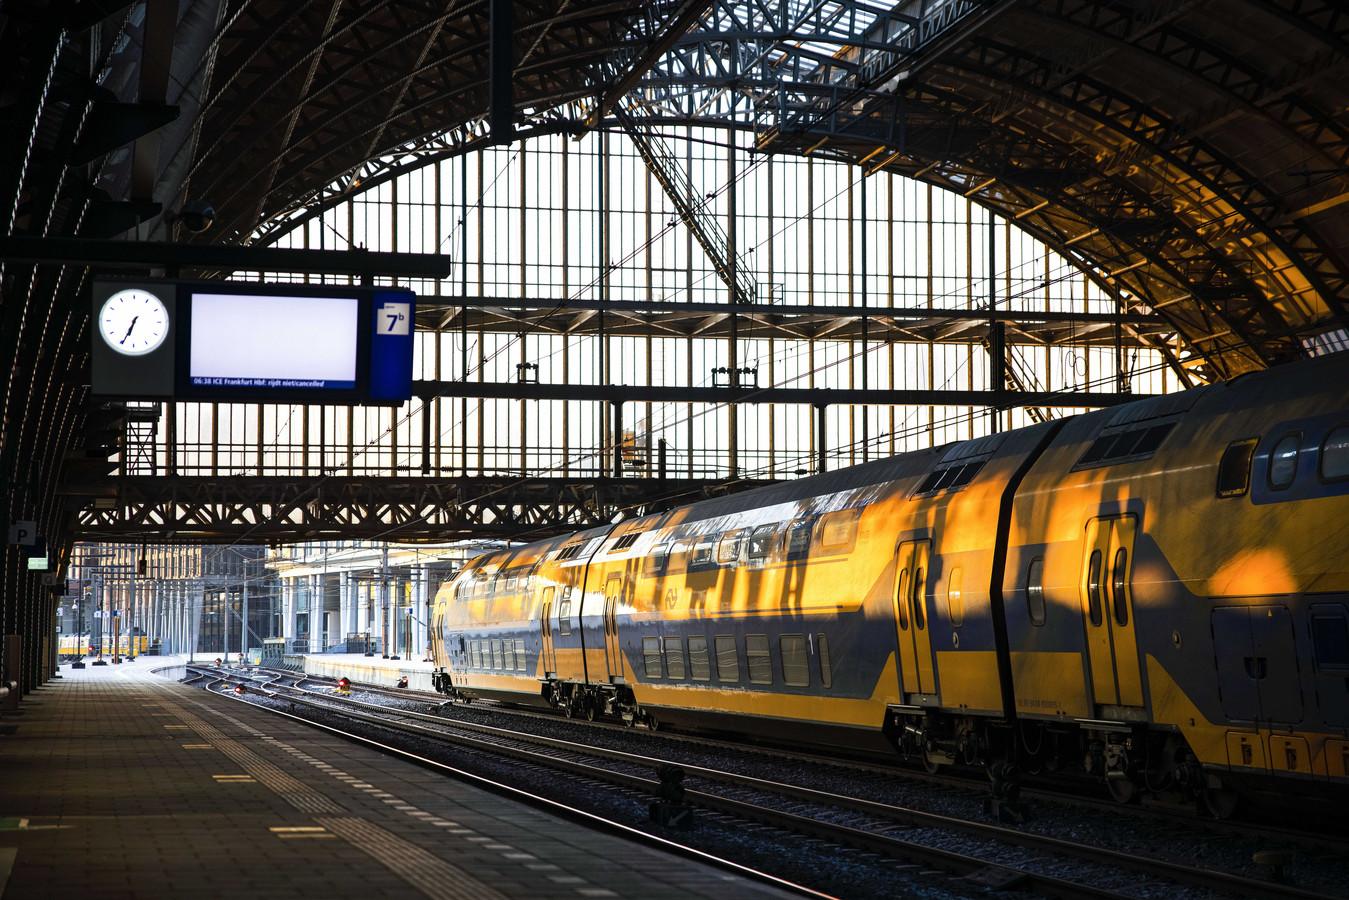 Vanochtend reden enkele uren geen treinen vanwege een staking van ProRail-medewerkers, zoals hier op Amsterdam CS.